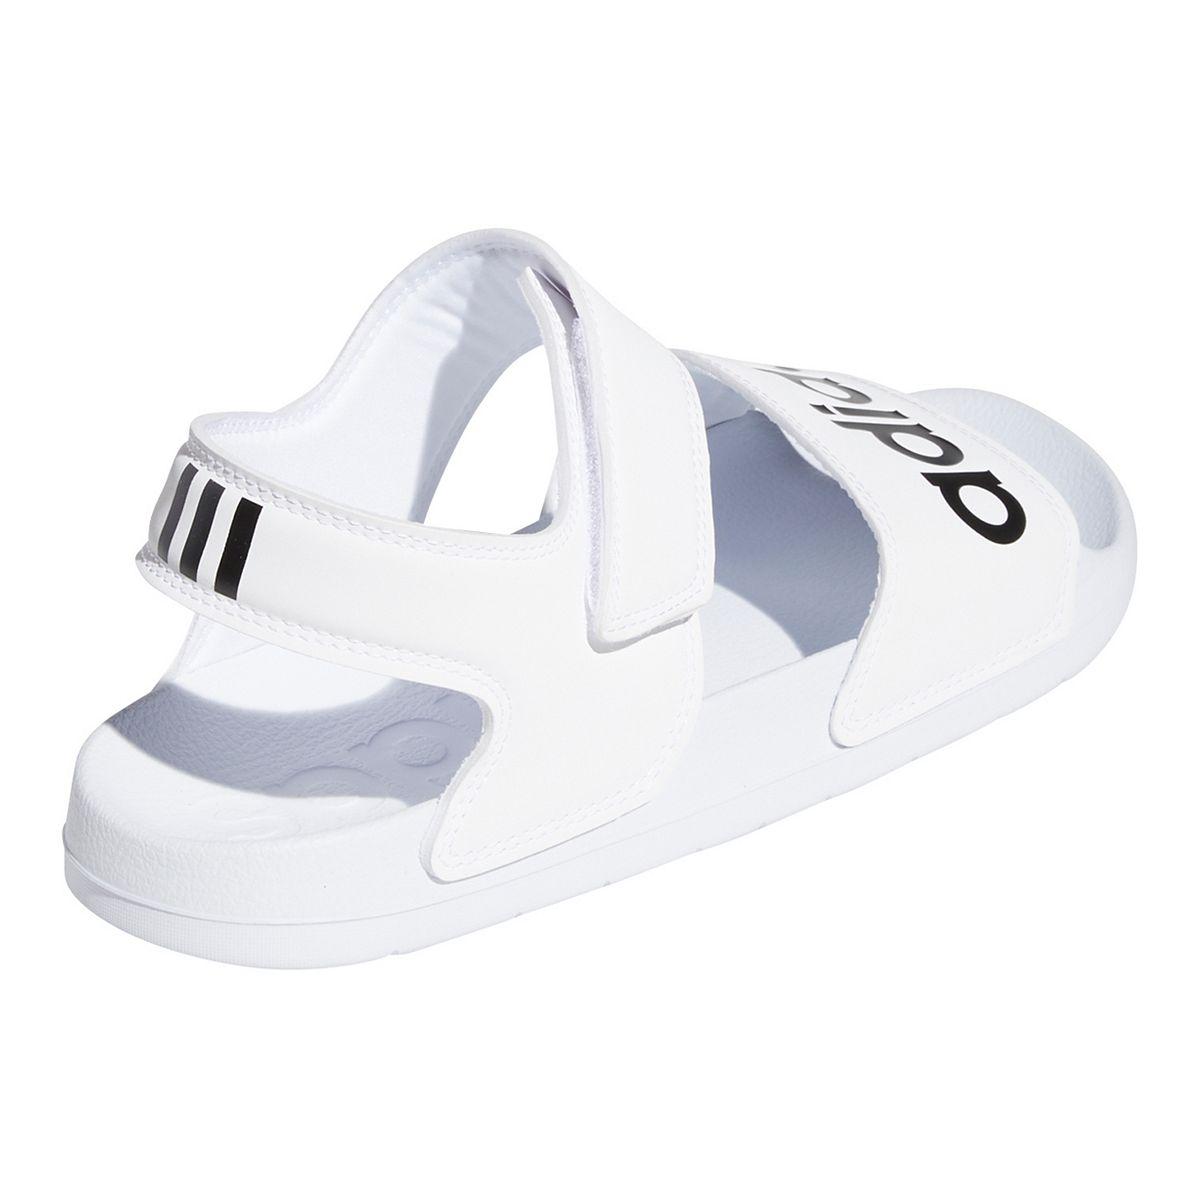 adidas Adilette Adult Strappy Sandals Q7ODH